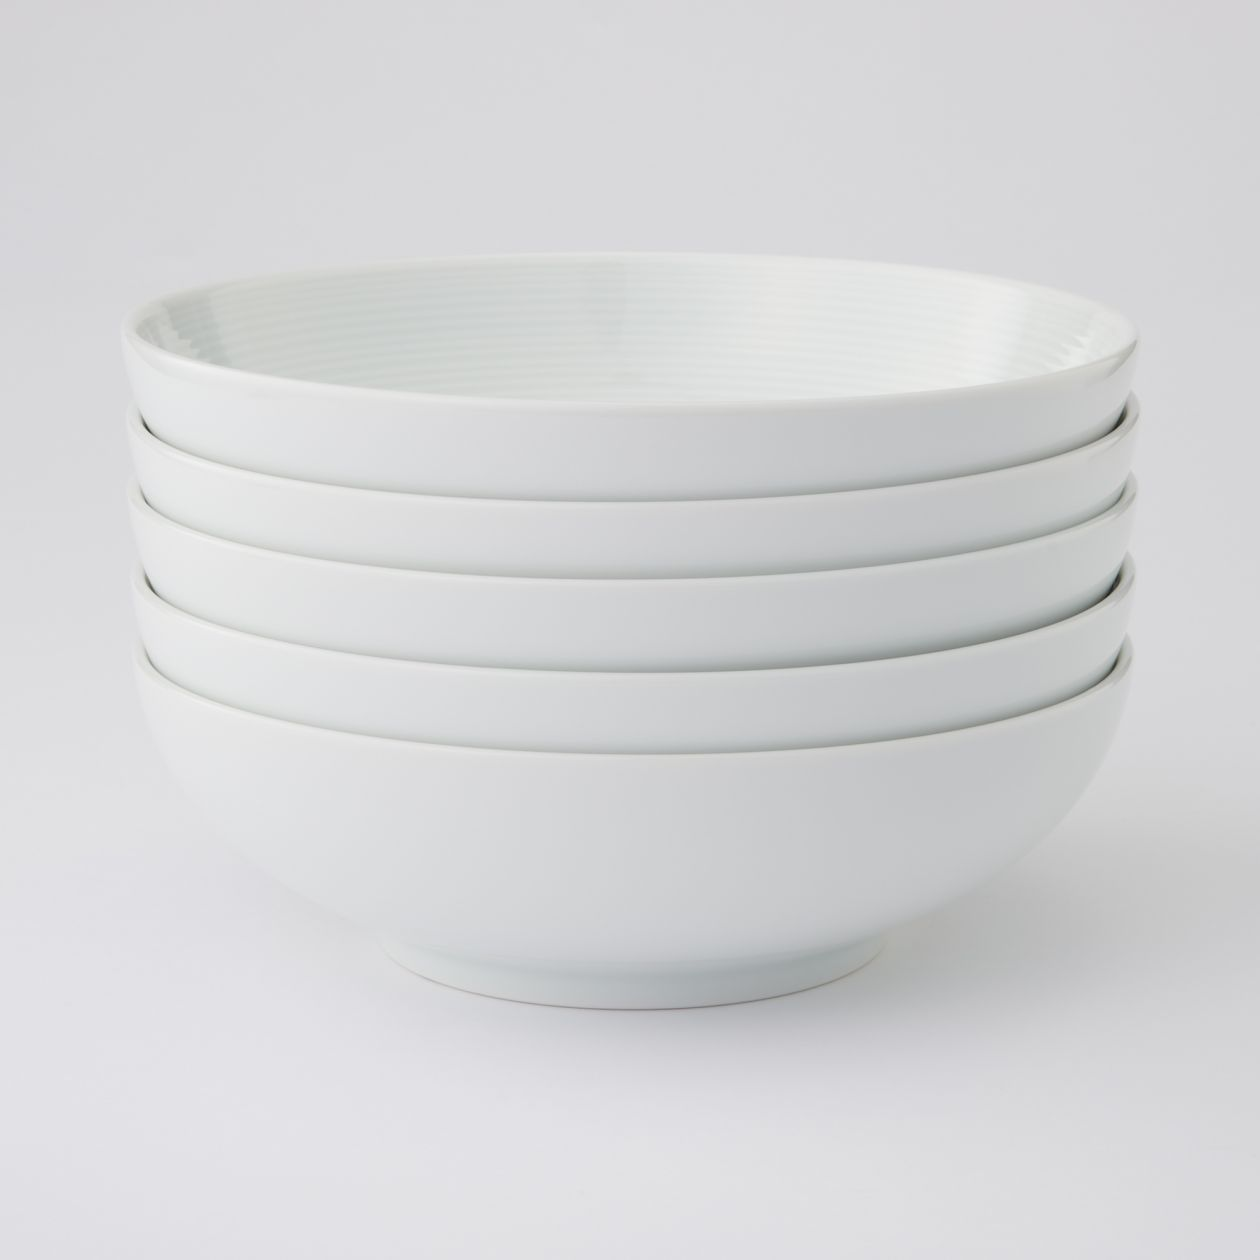 【まとめ買い】白磁多用鉢